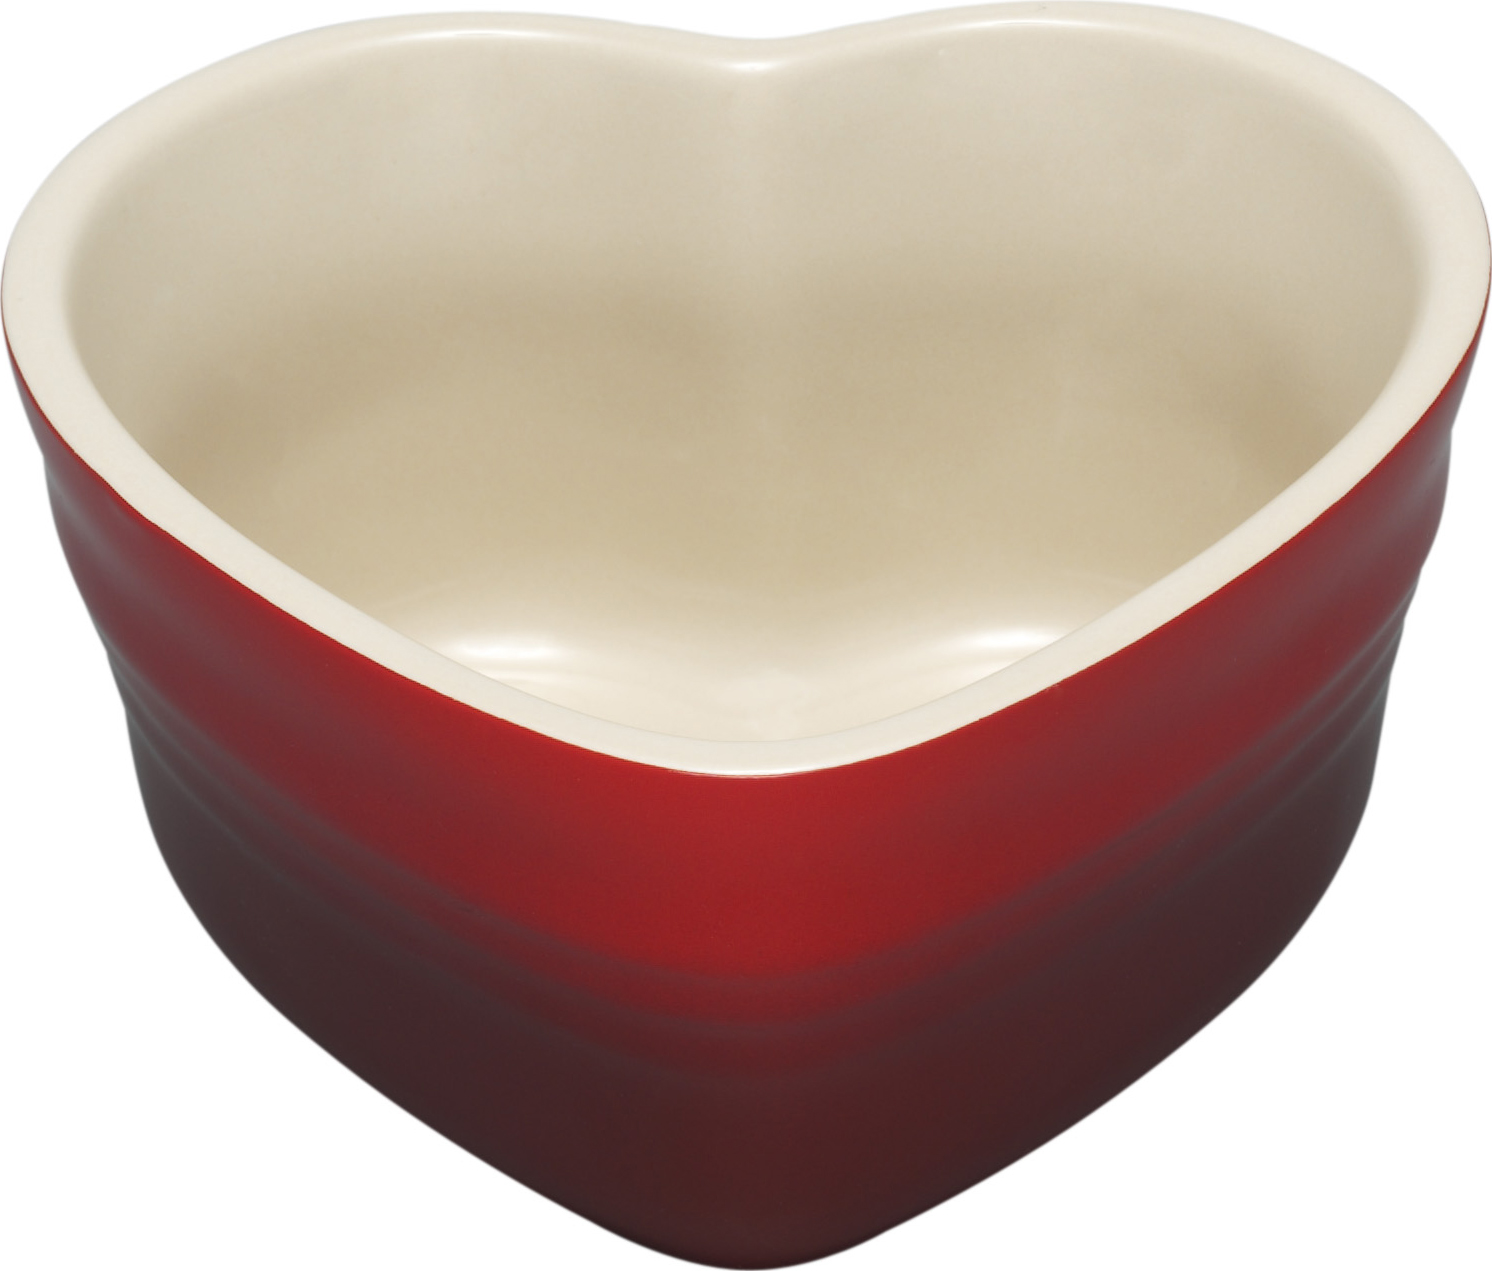 Hjertefad, Le Creuset, hjerteskål, rød, hjerte. (Foto: Magasin)